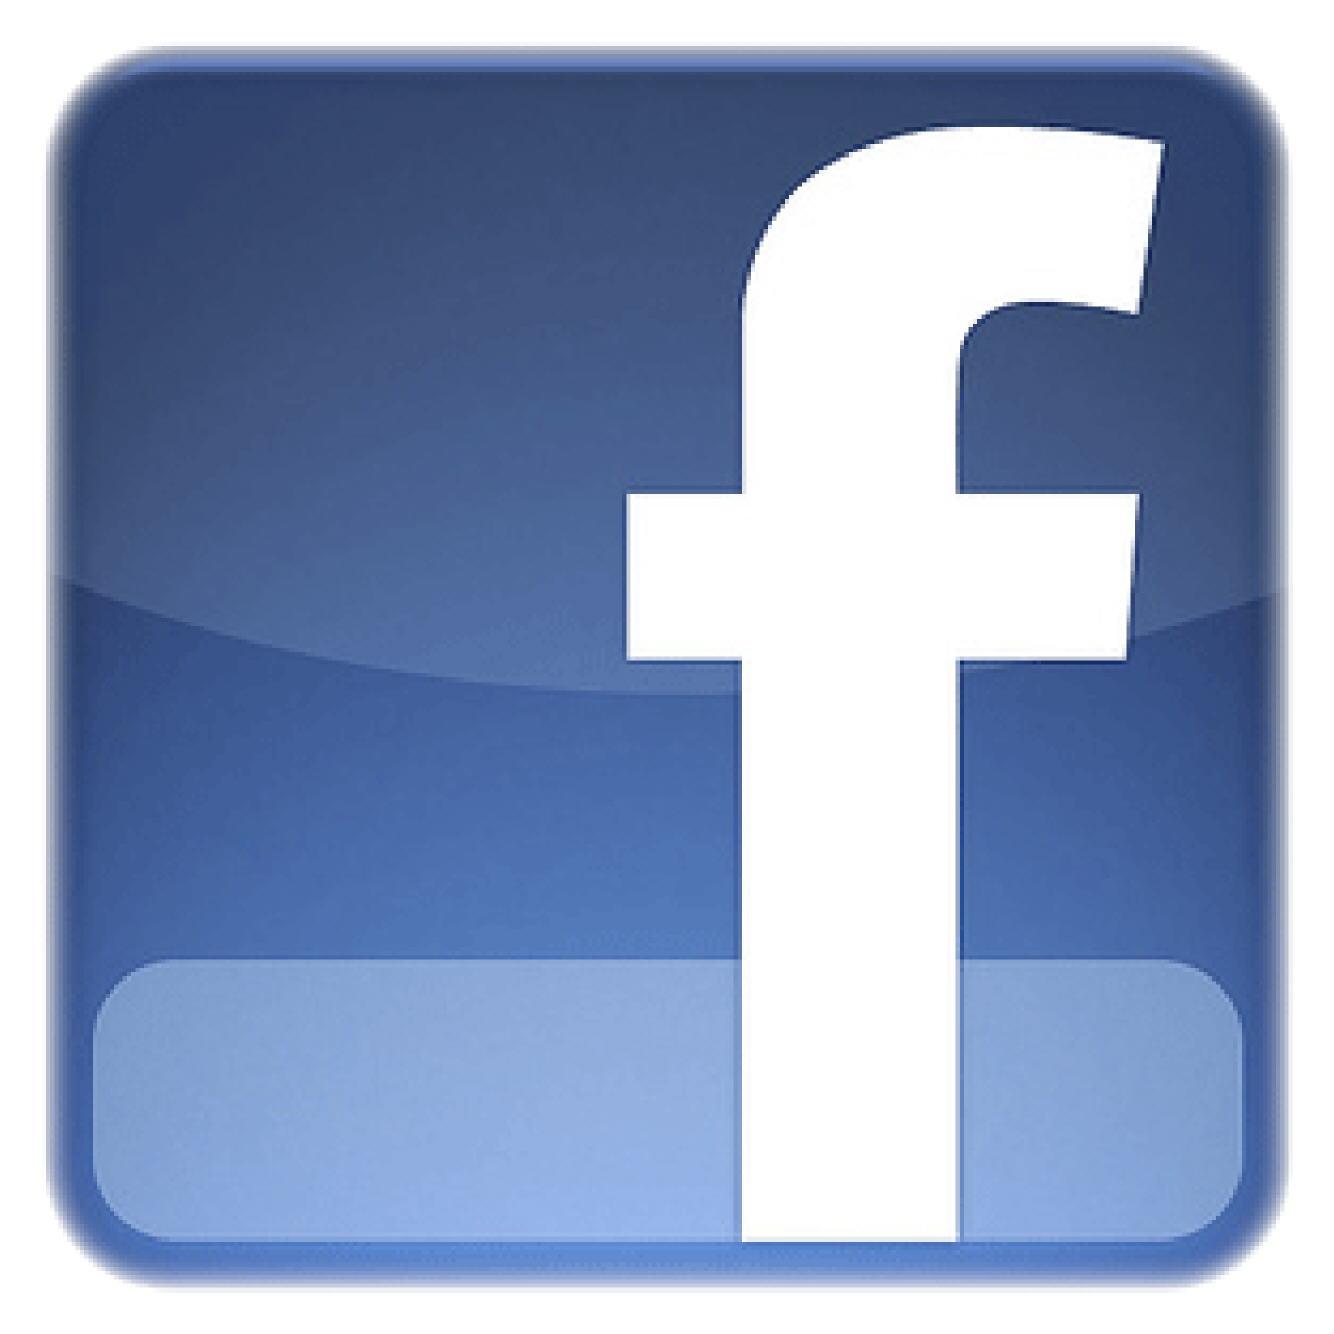 Leader's Facebook